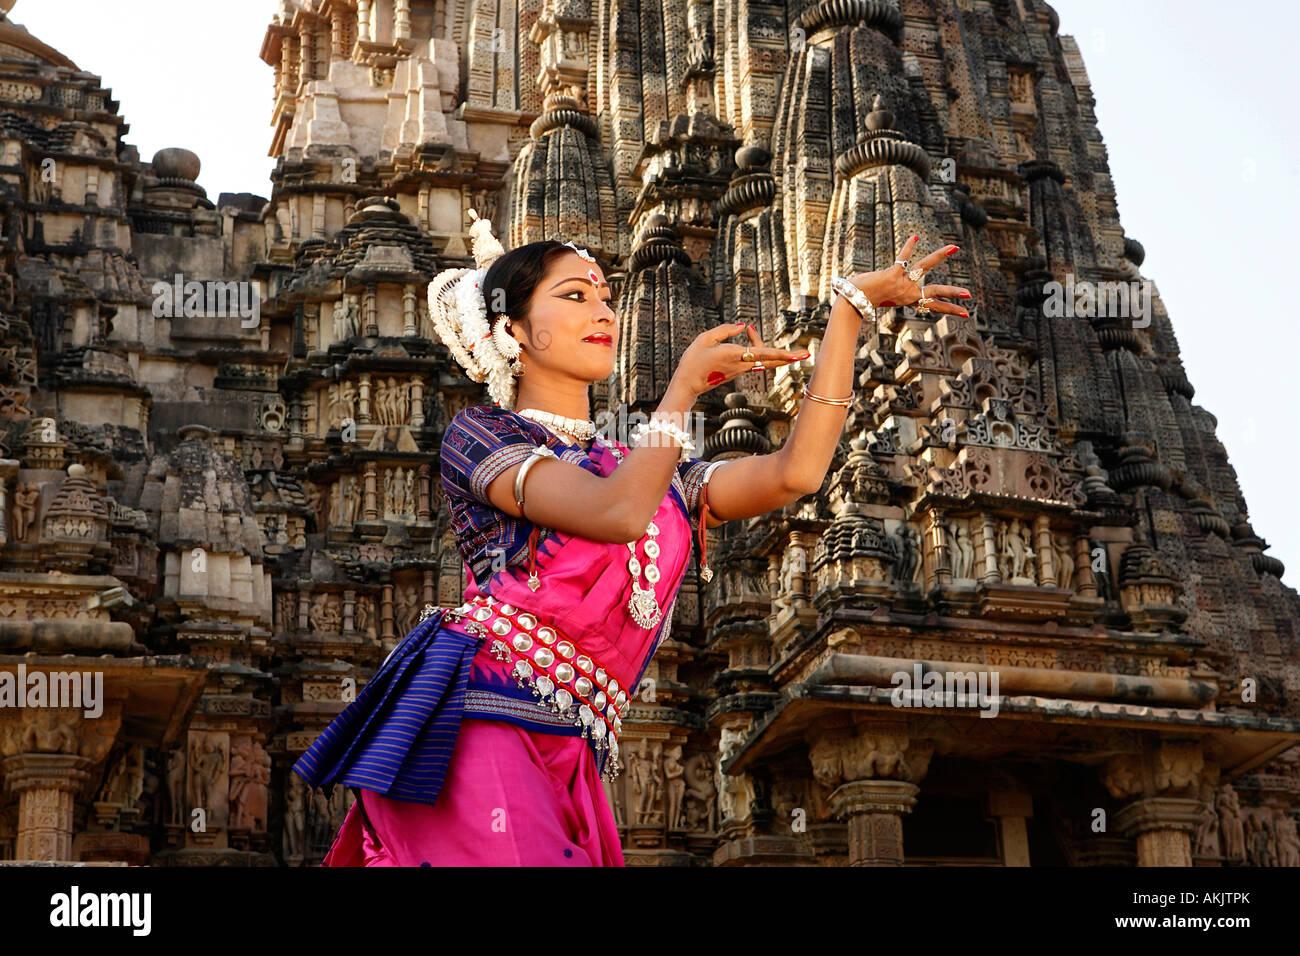 Indien, Madhya Pradesh, Khajuraho, Foto-Shooting für eine Odissi Tänzer des Festival of dance Stockbild